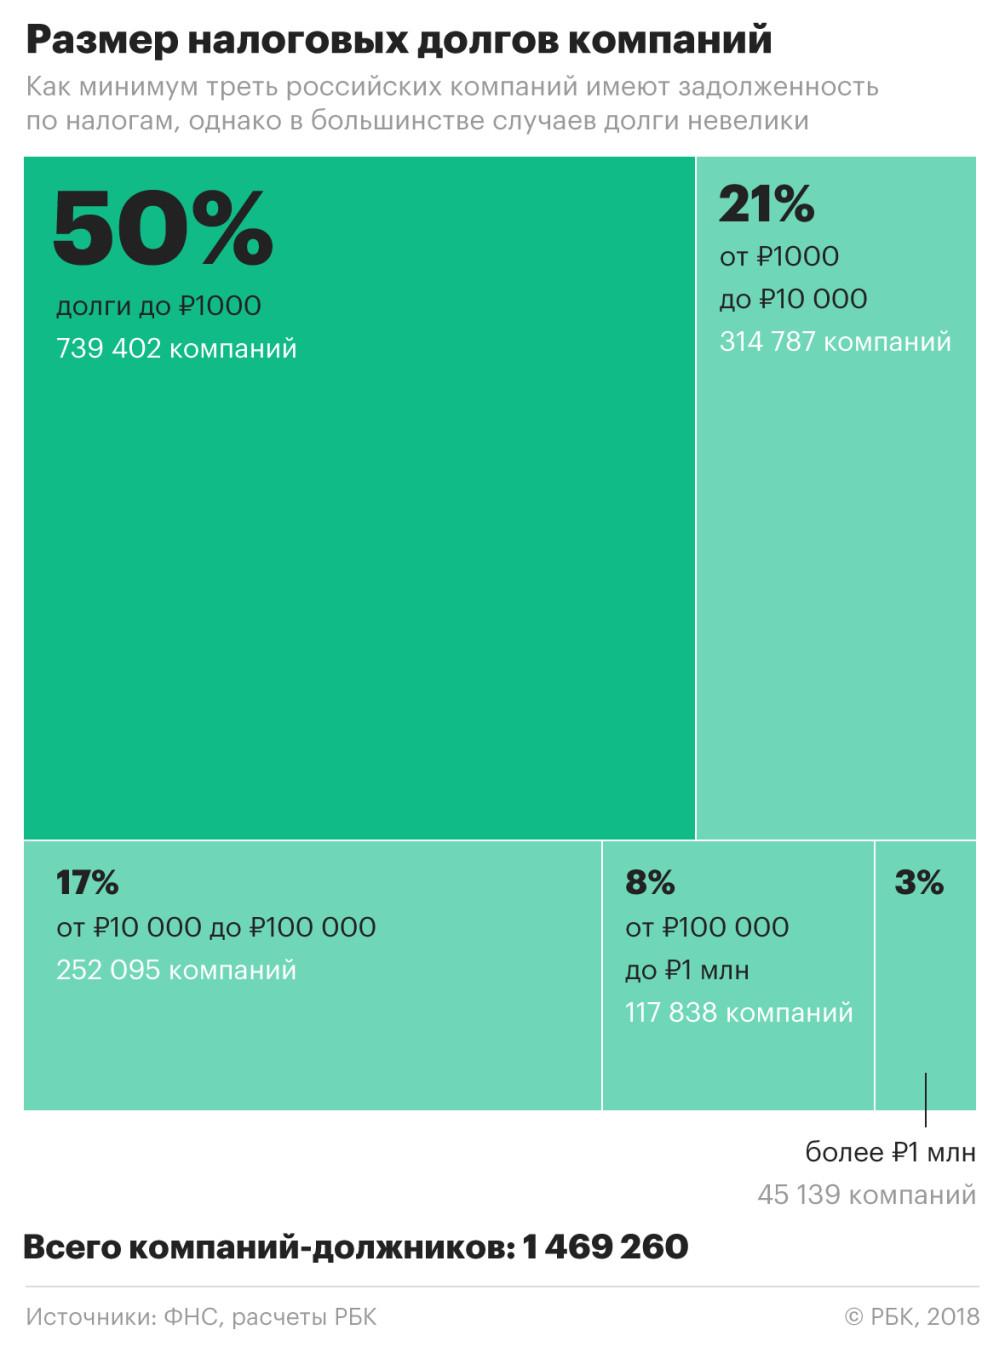 Долг фирмы перед налоговой если исполнительный лист подана жалоба